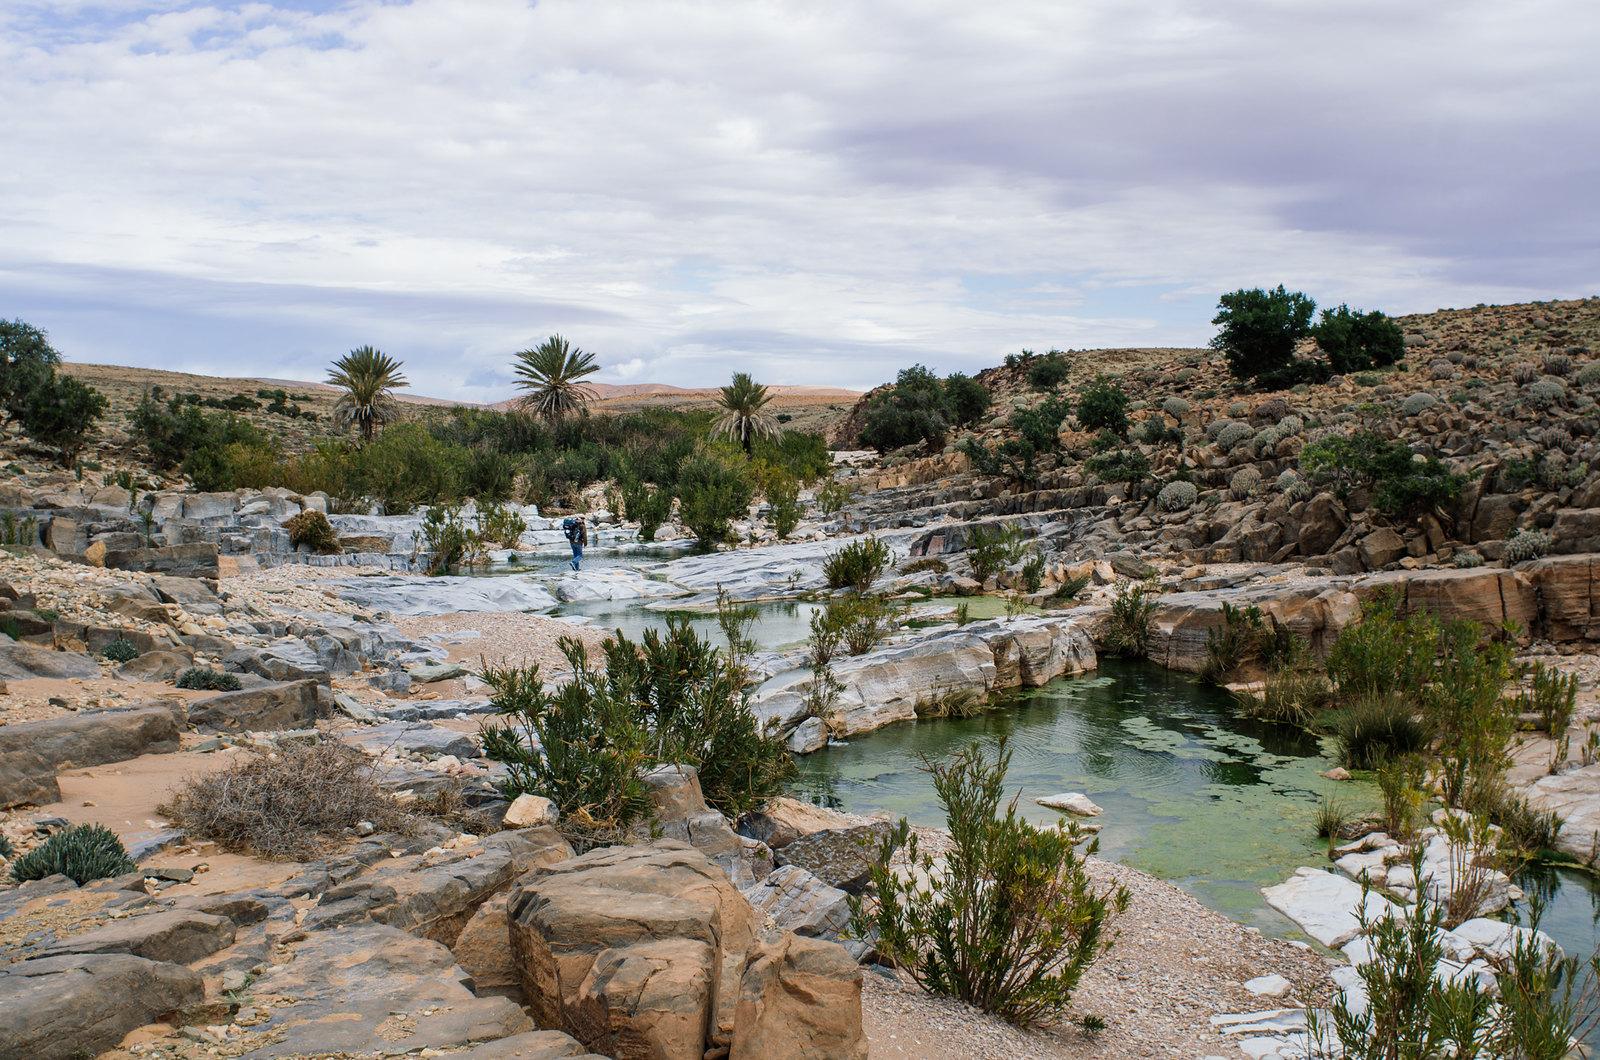 Trek sans guide au Maroc - 5 jours dans l'anti-Atlas - Dernière oasis avant le plateau